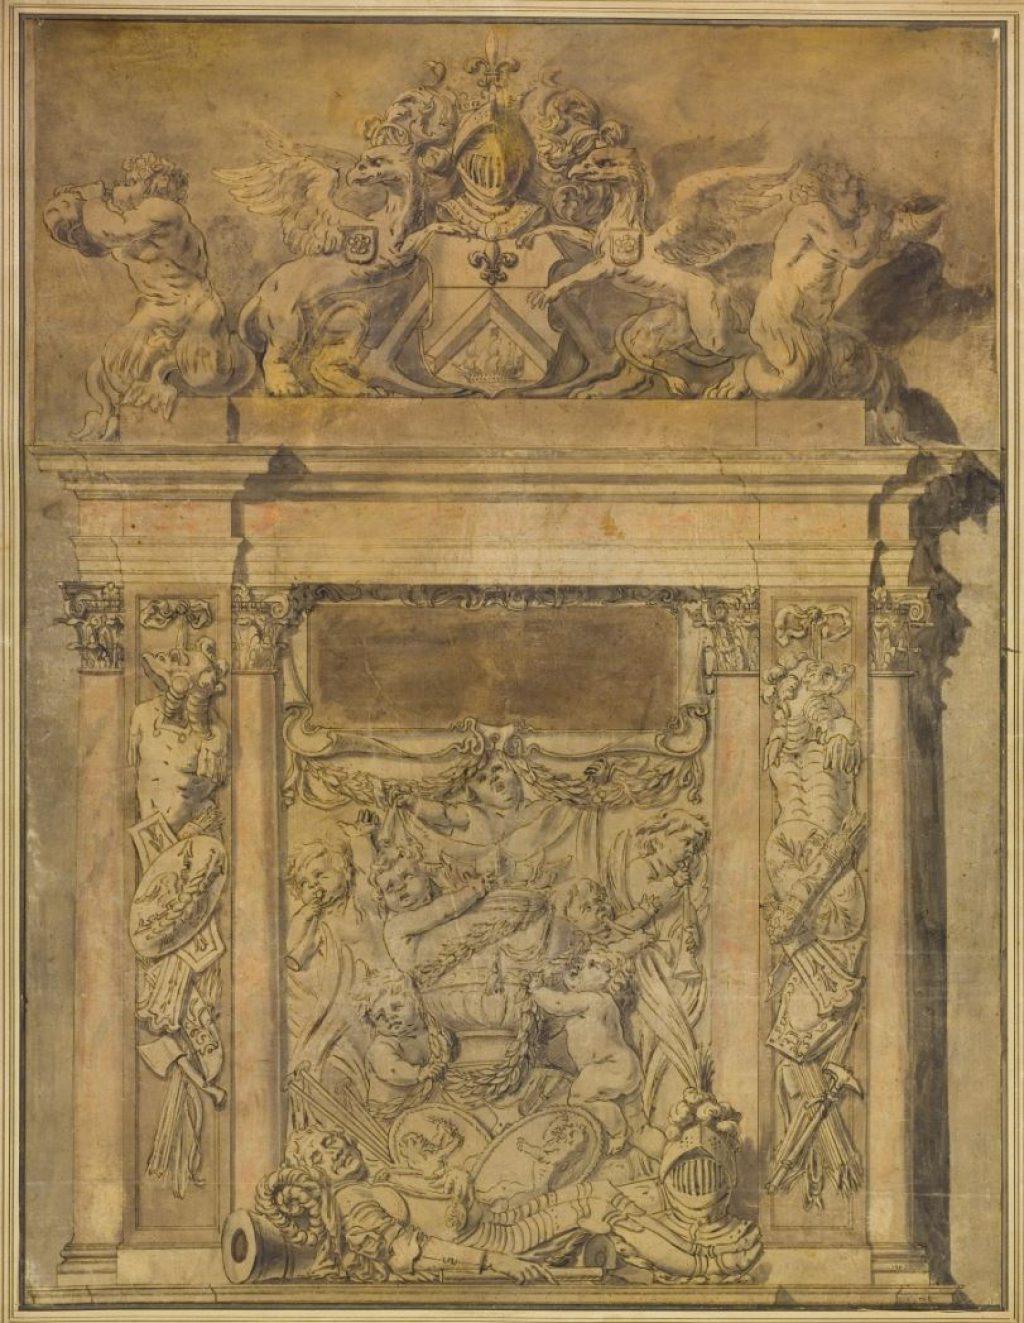 Ontwerptekening voor beeldhouwwerk op het praalgraf van Tromp door Rombout Verhulst, c. 1655 (TMS 64837)